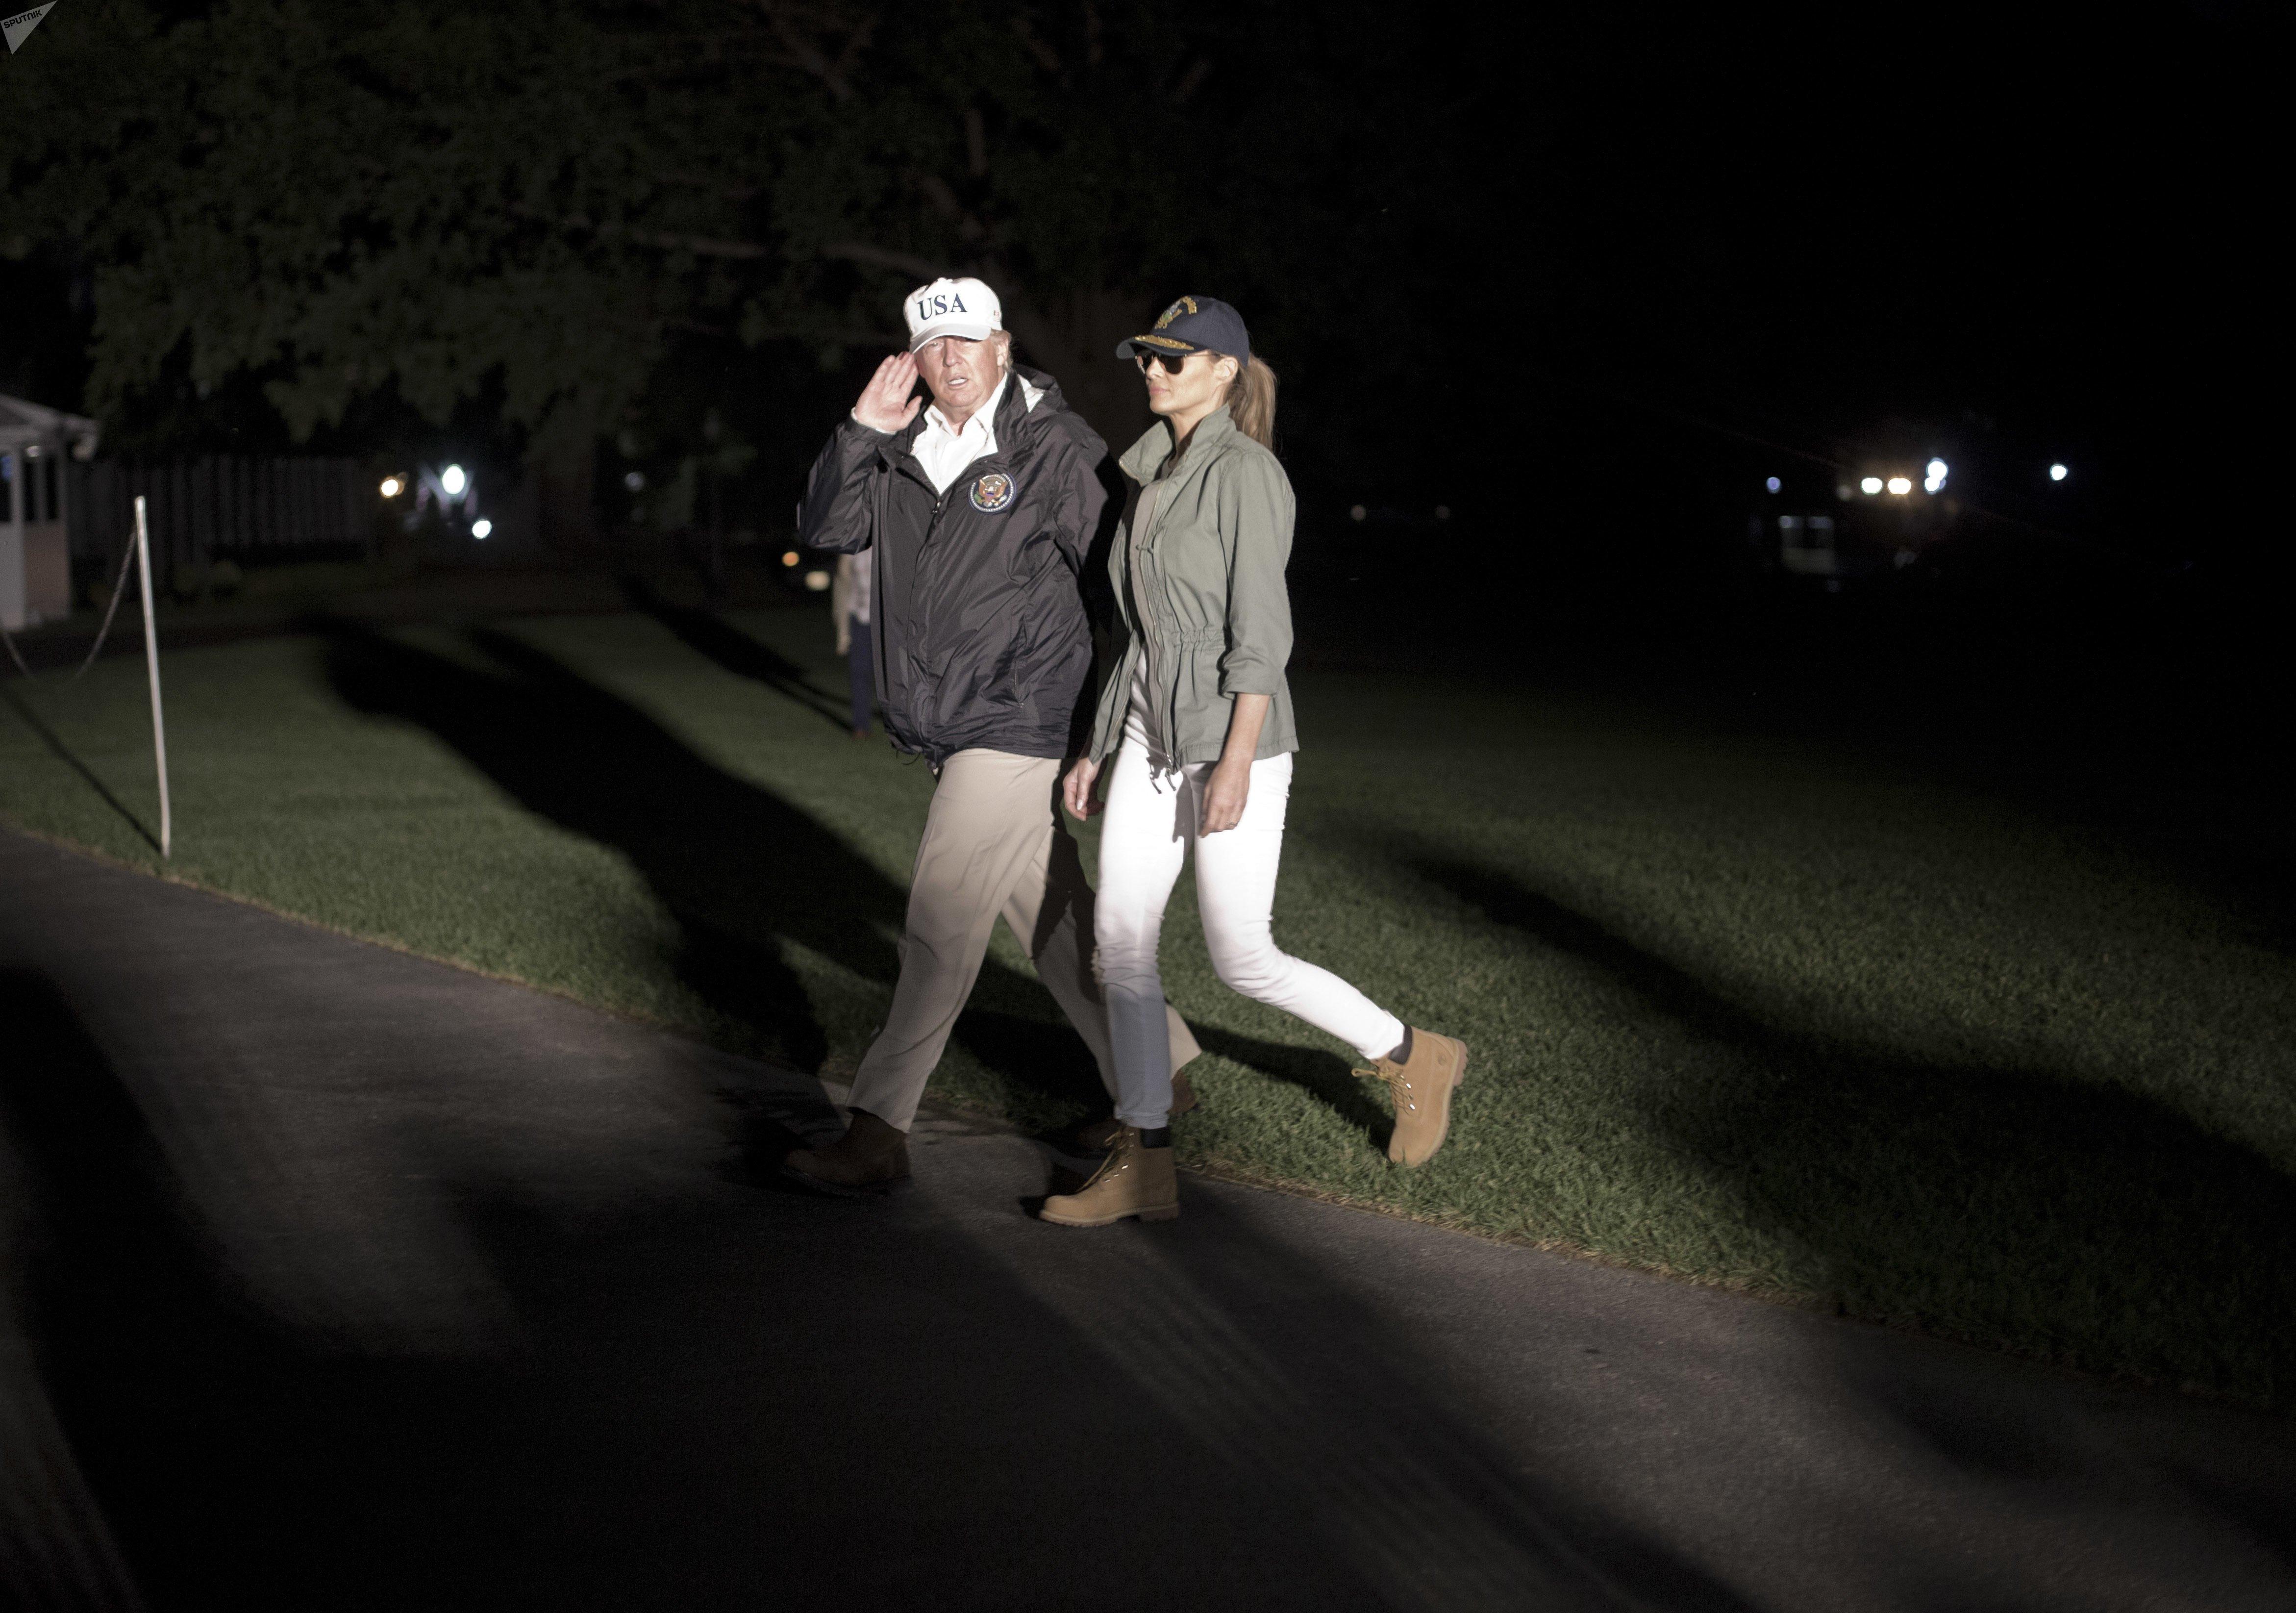 Donald et Melania Trump après le voyage à Porto Rico, le 3 octobre 2017